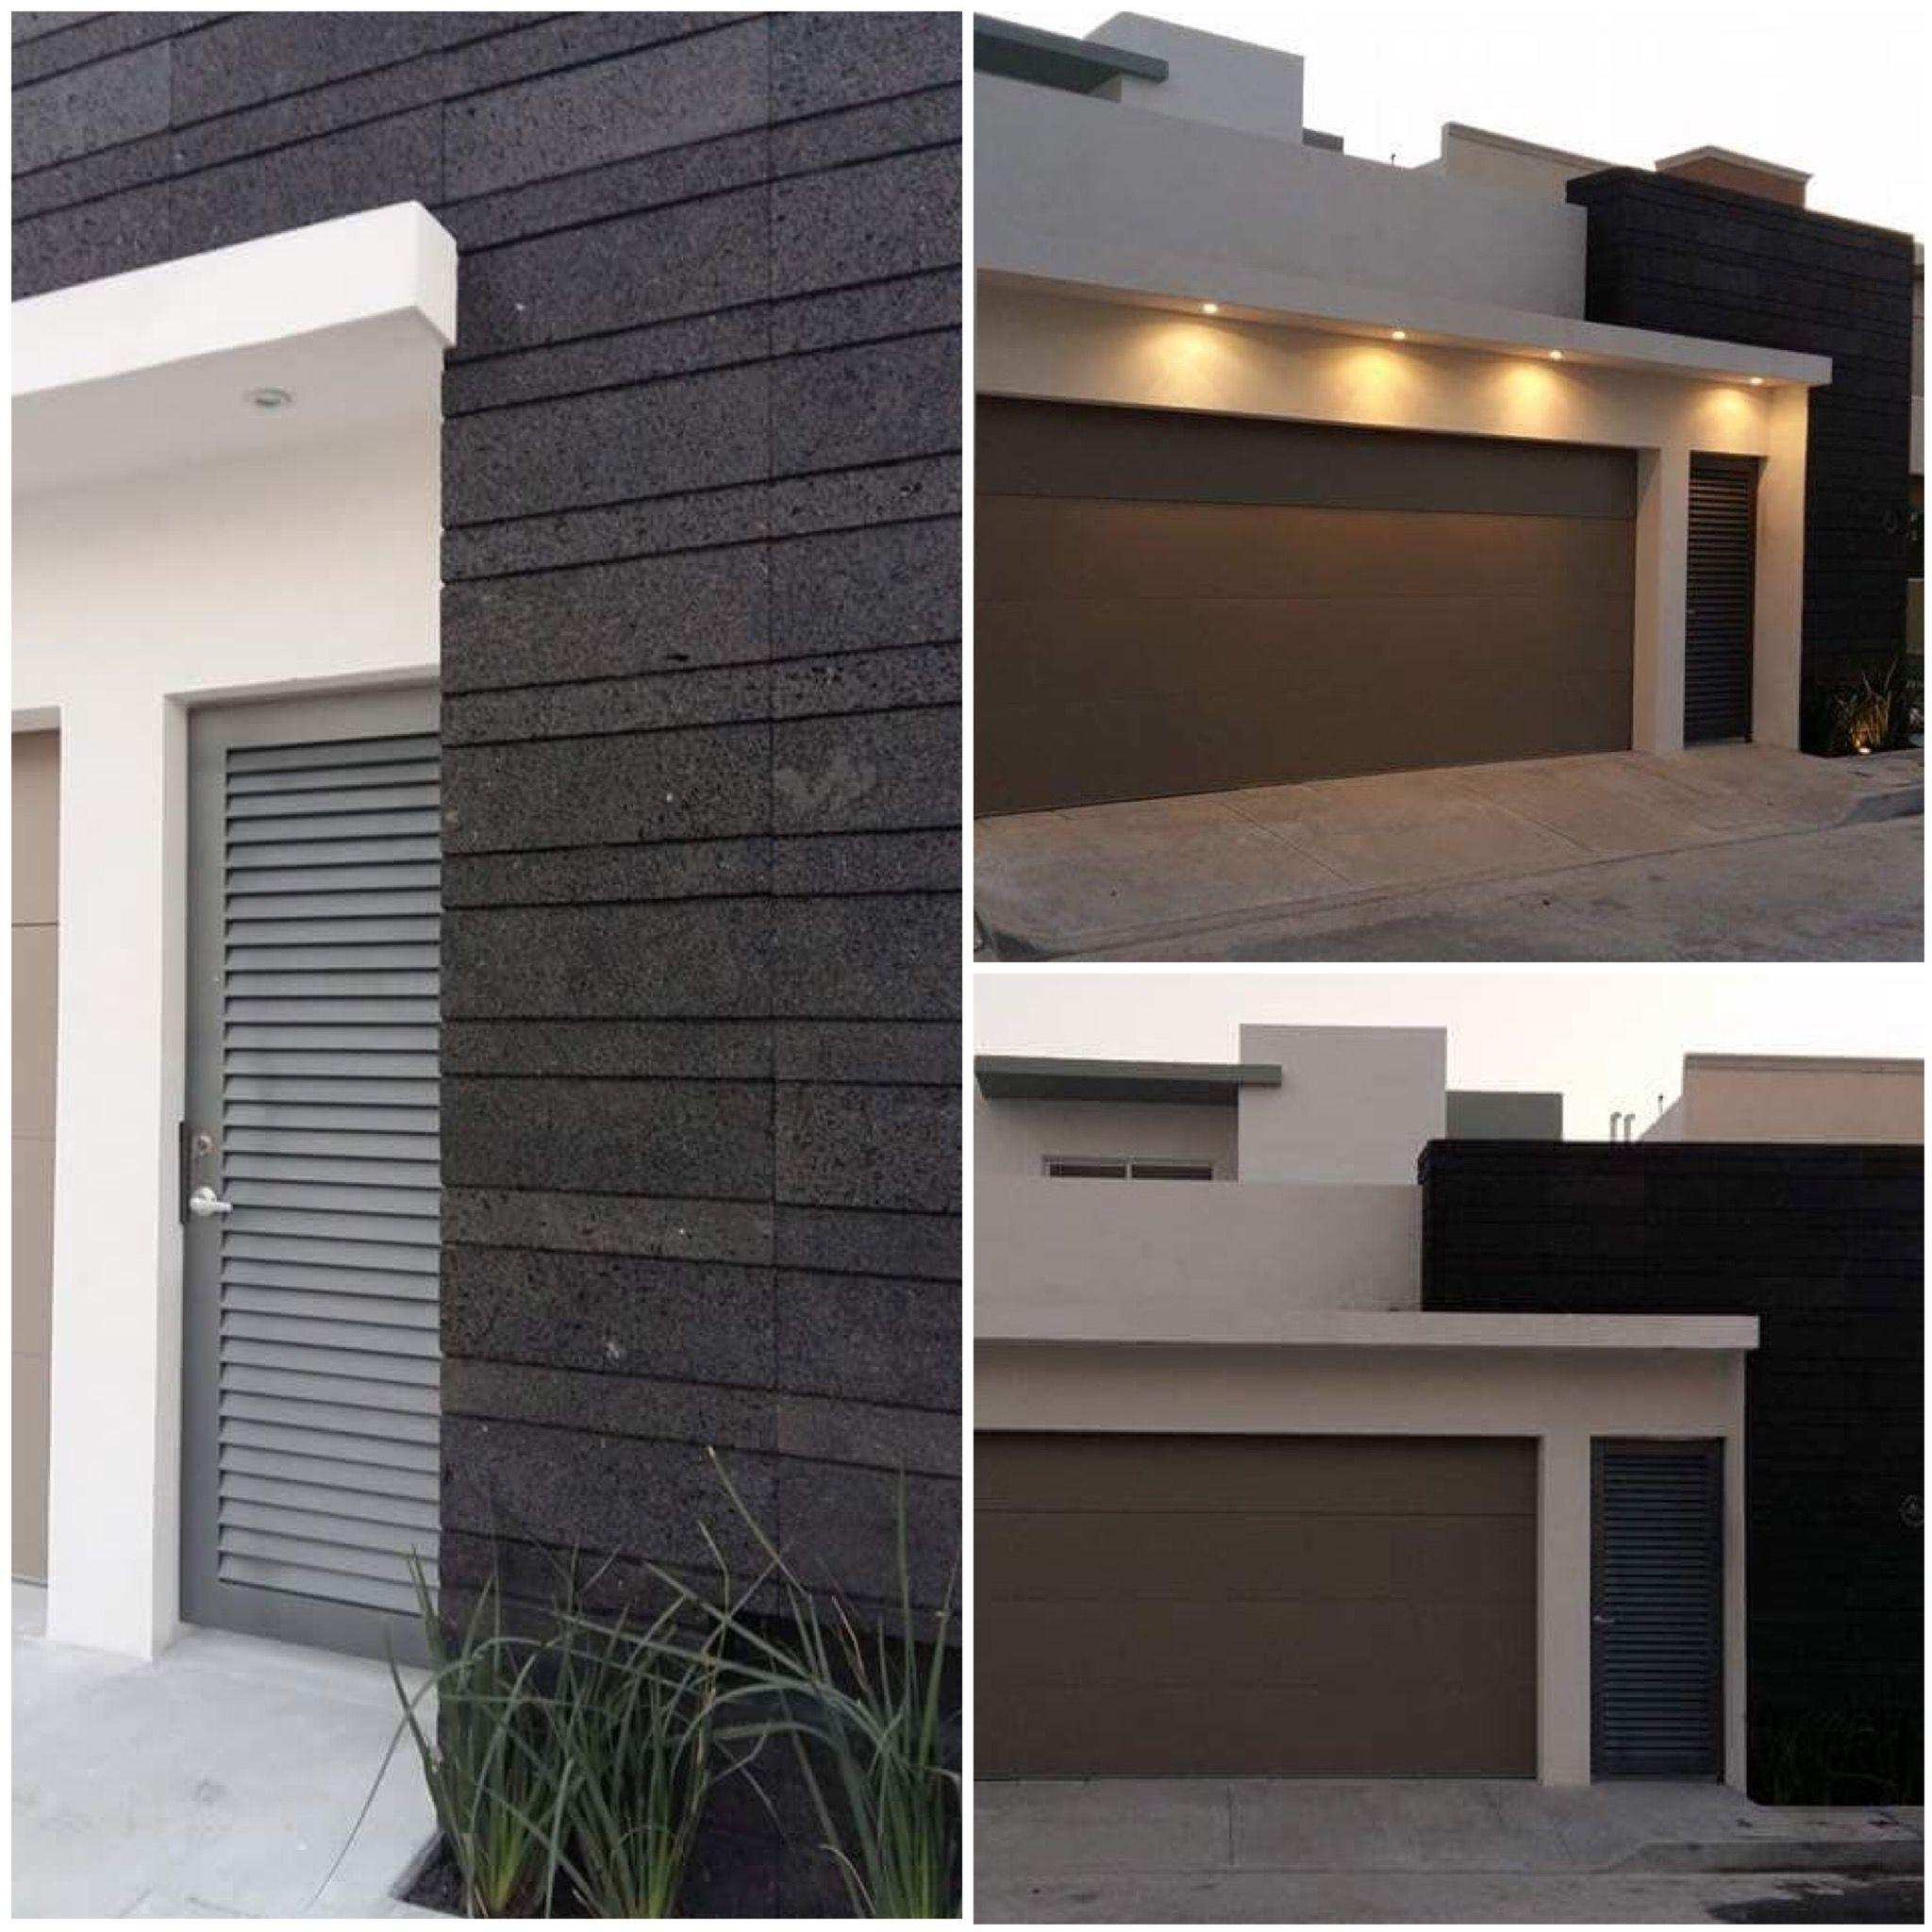 Fachada moderna con cantera de casa mexicana fachada for Fachada de casas modernas